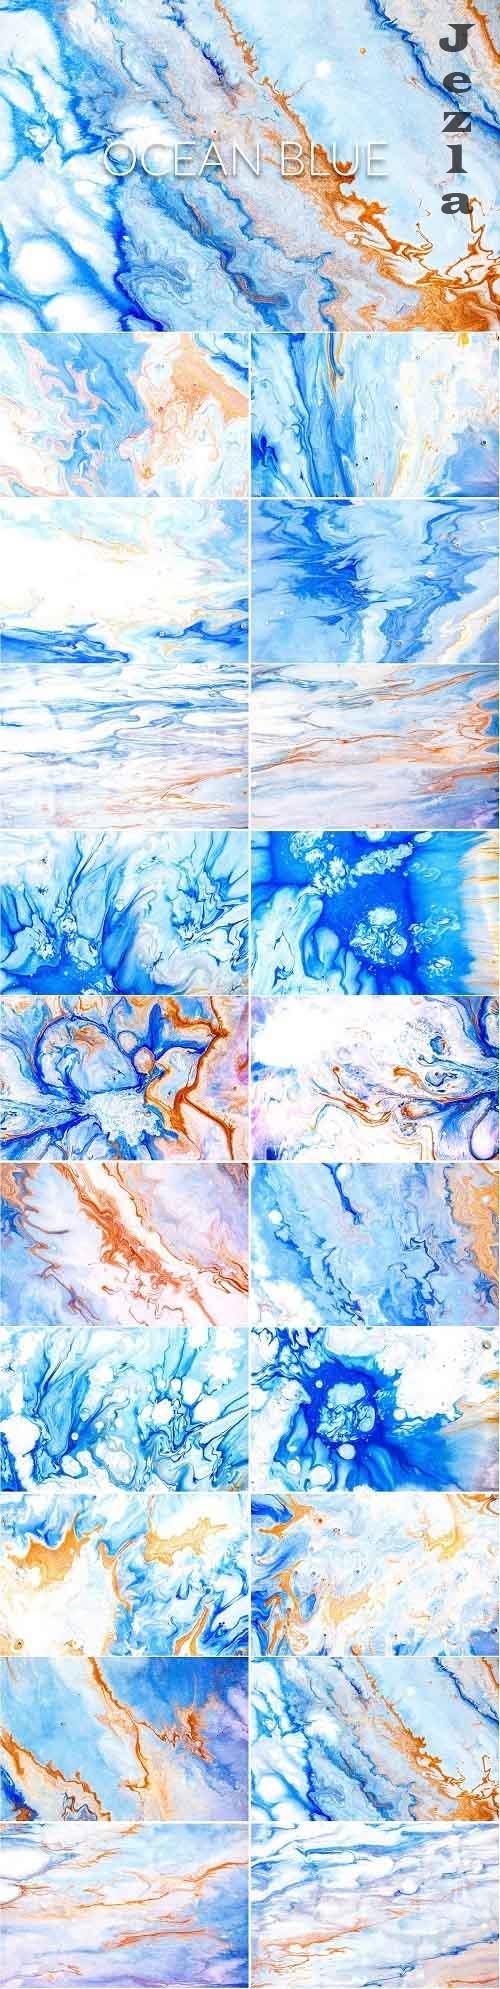 Liquid Paint - Ocean Blue - 4682606